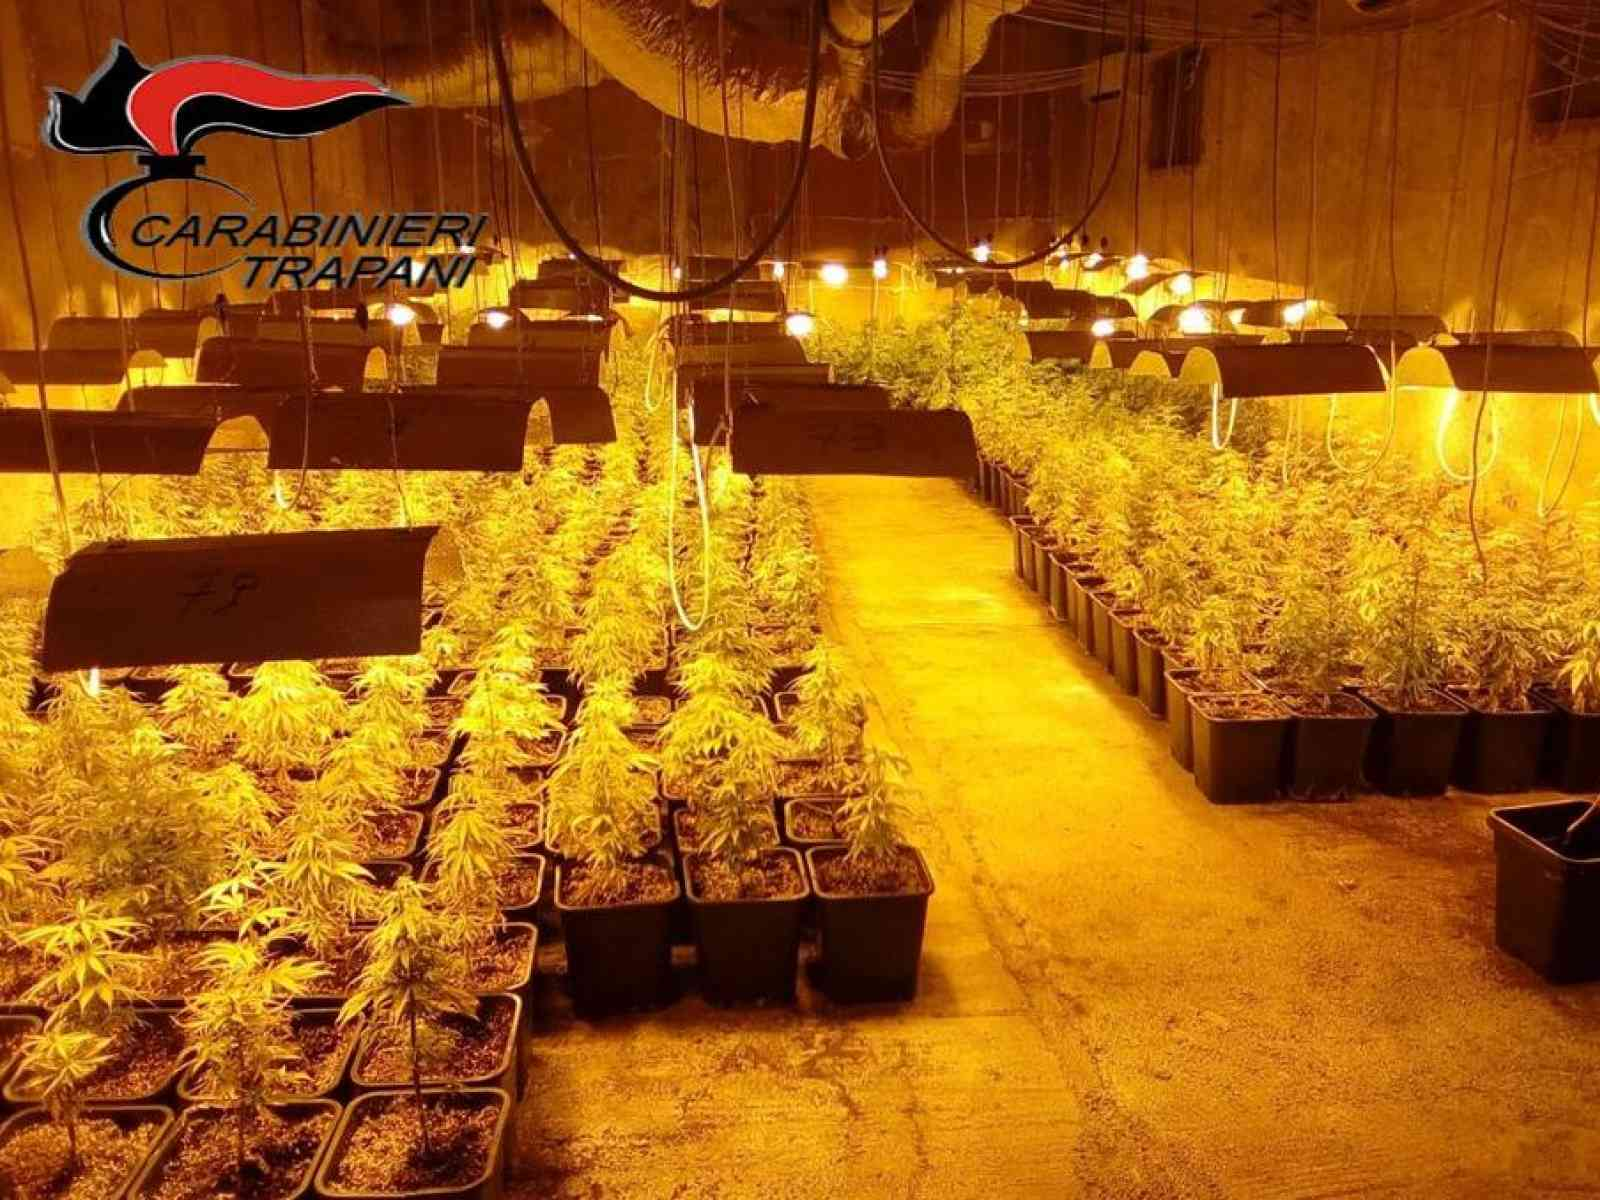 Poggioreale. Carabinieri scovano maxi-serra di marijuana, 651 le piante